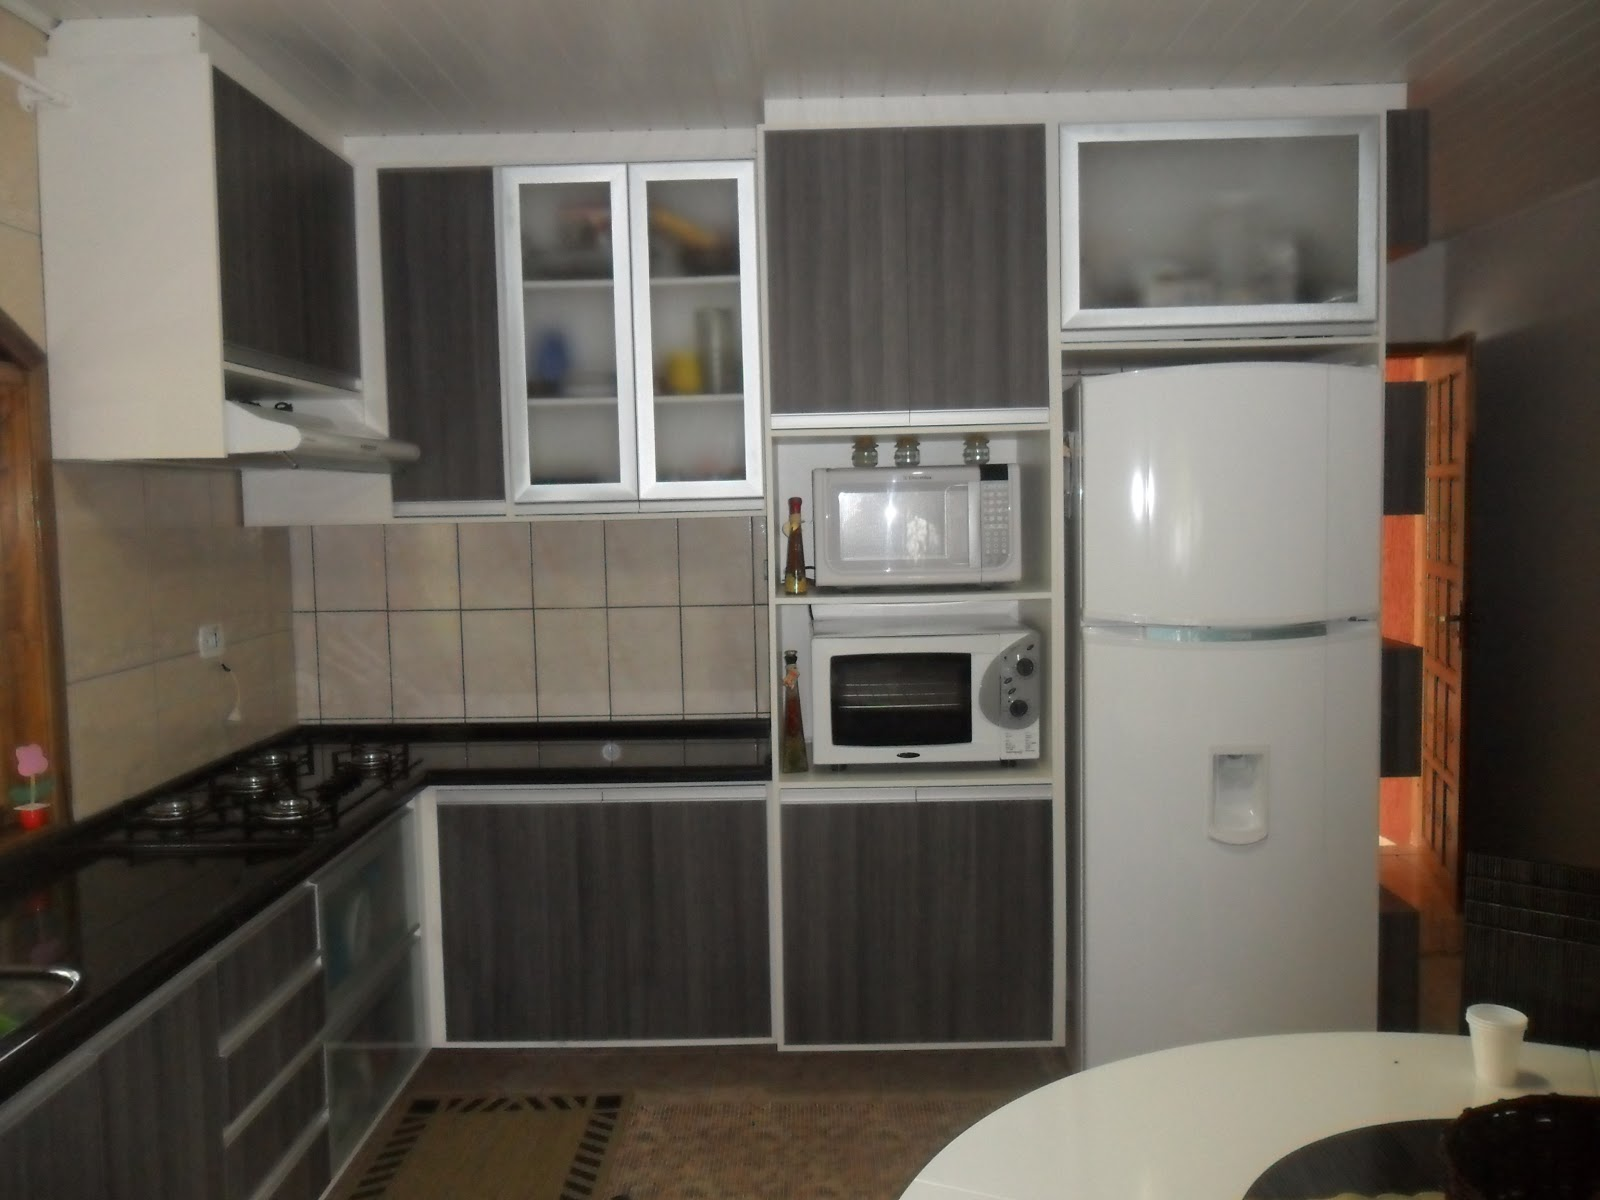 #A1482A Criattive Design Móveis Planejados: Cozinha Simples 1600x1200 px A Cozinha Mais Recente Projeta Fotos_836 Imagens